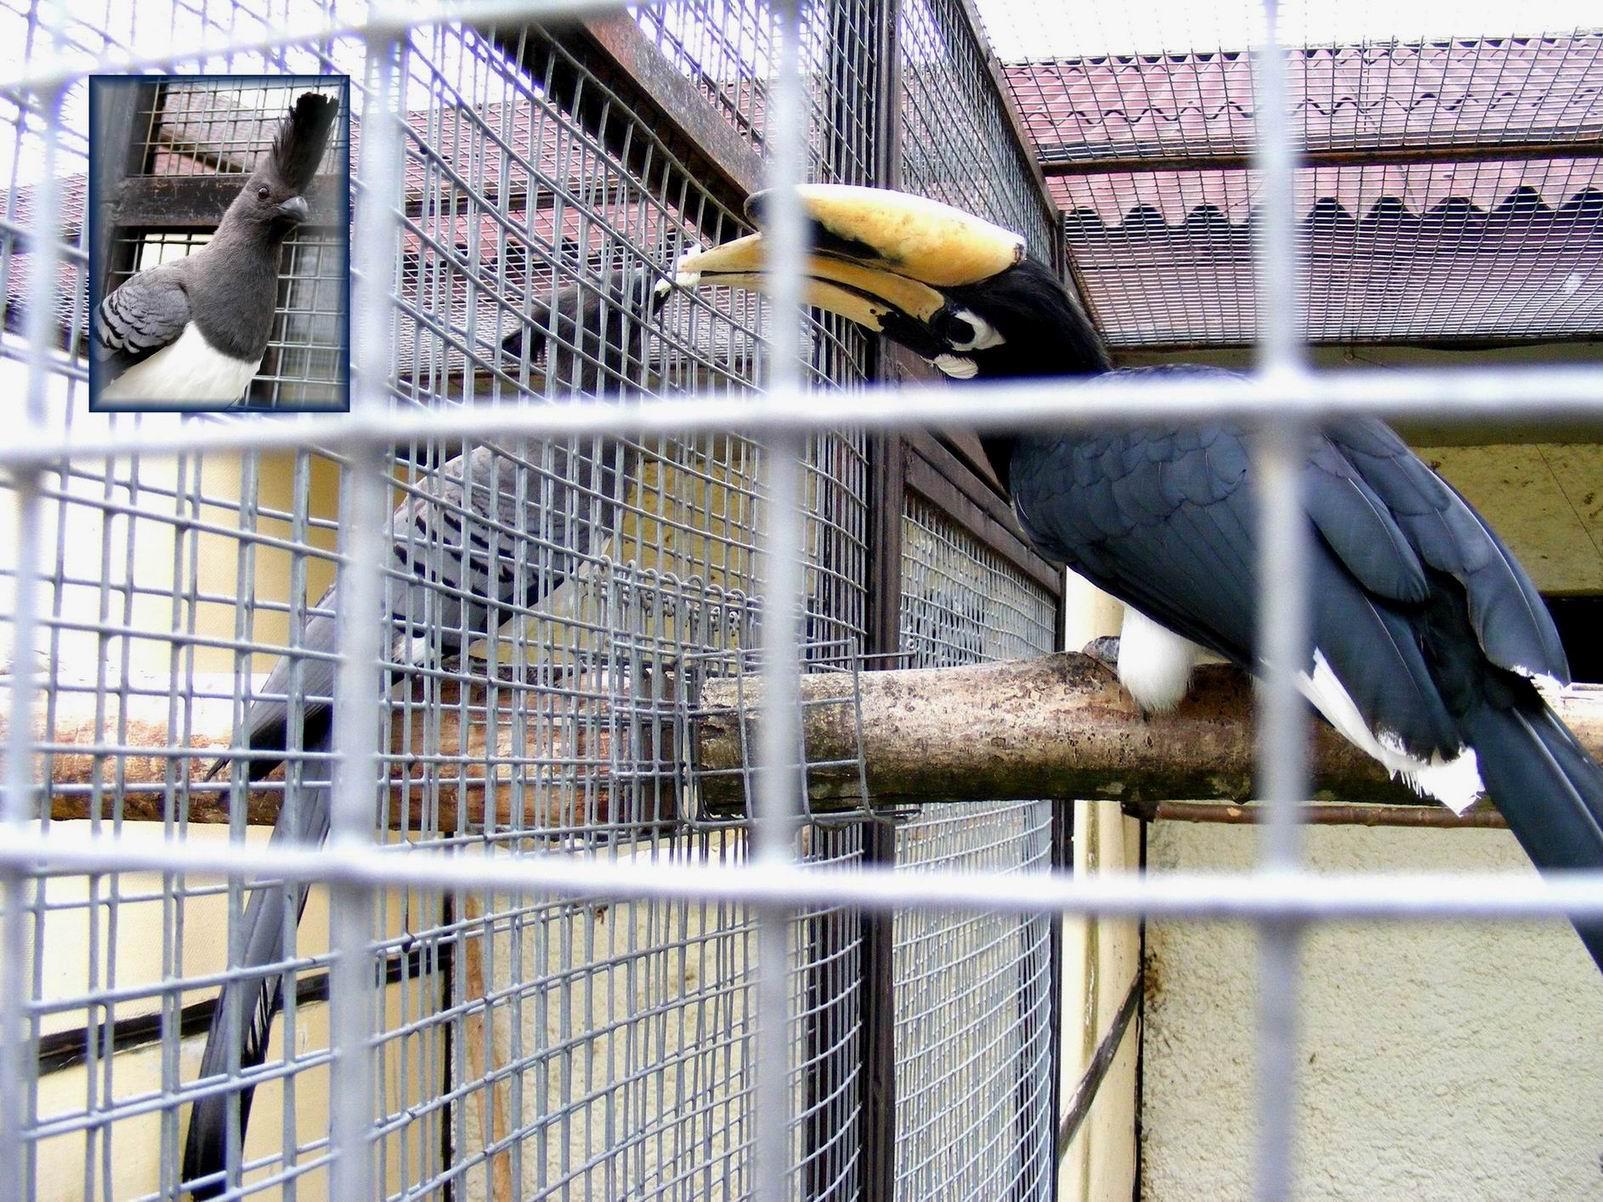 Птица-носорог. Парк птиц 'Воробьи'